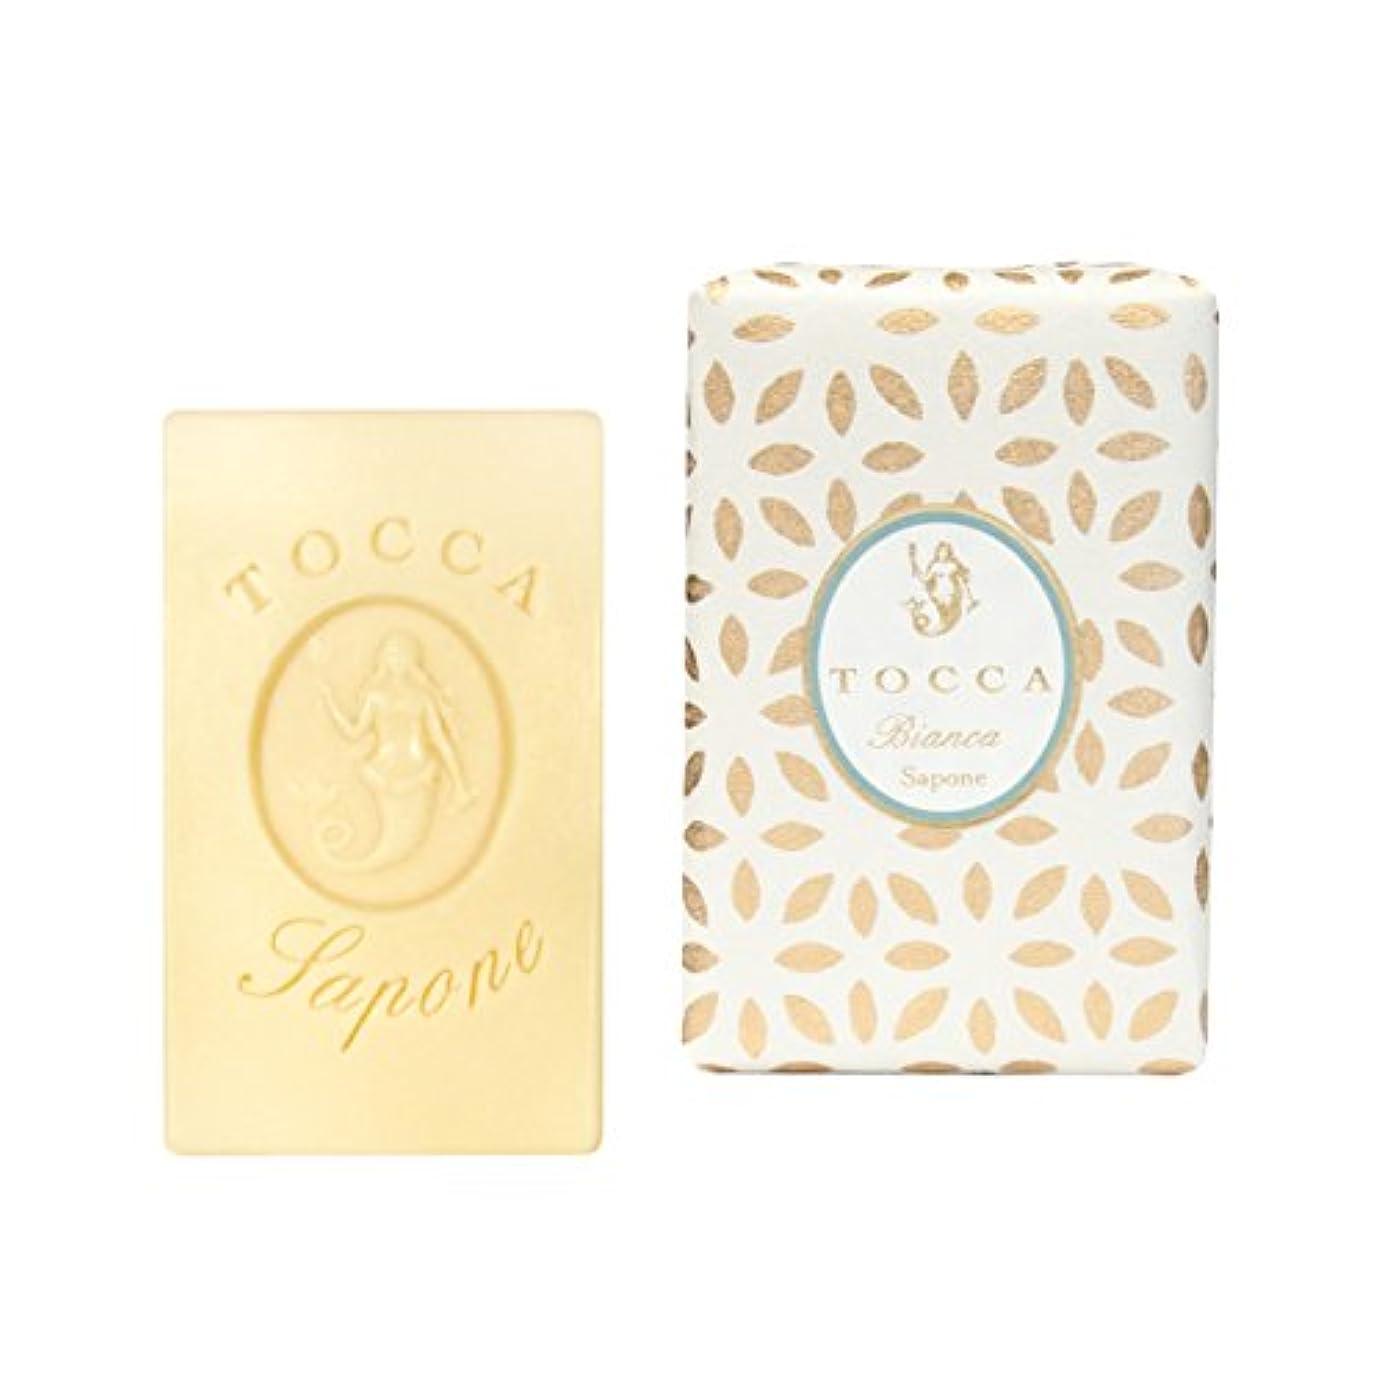 シットコム予定機知に富んだトッカ(TOCCA) ソープバー ビアンカの香り 113g(化粧石けん シトラスとグリーンティー、ローズが絶妙に溶け合ったほのかに甘さ漂うフレッシュな香り)